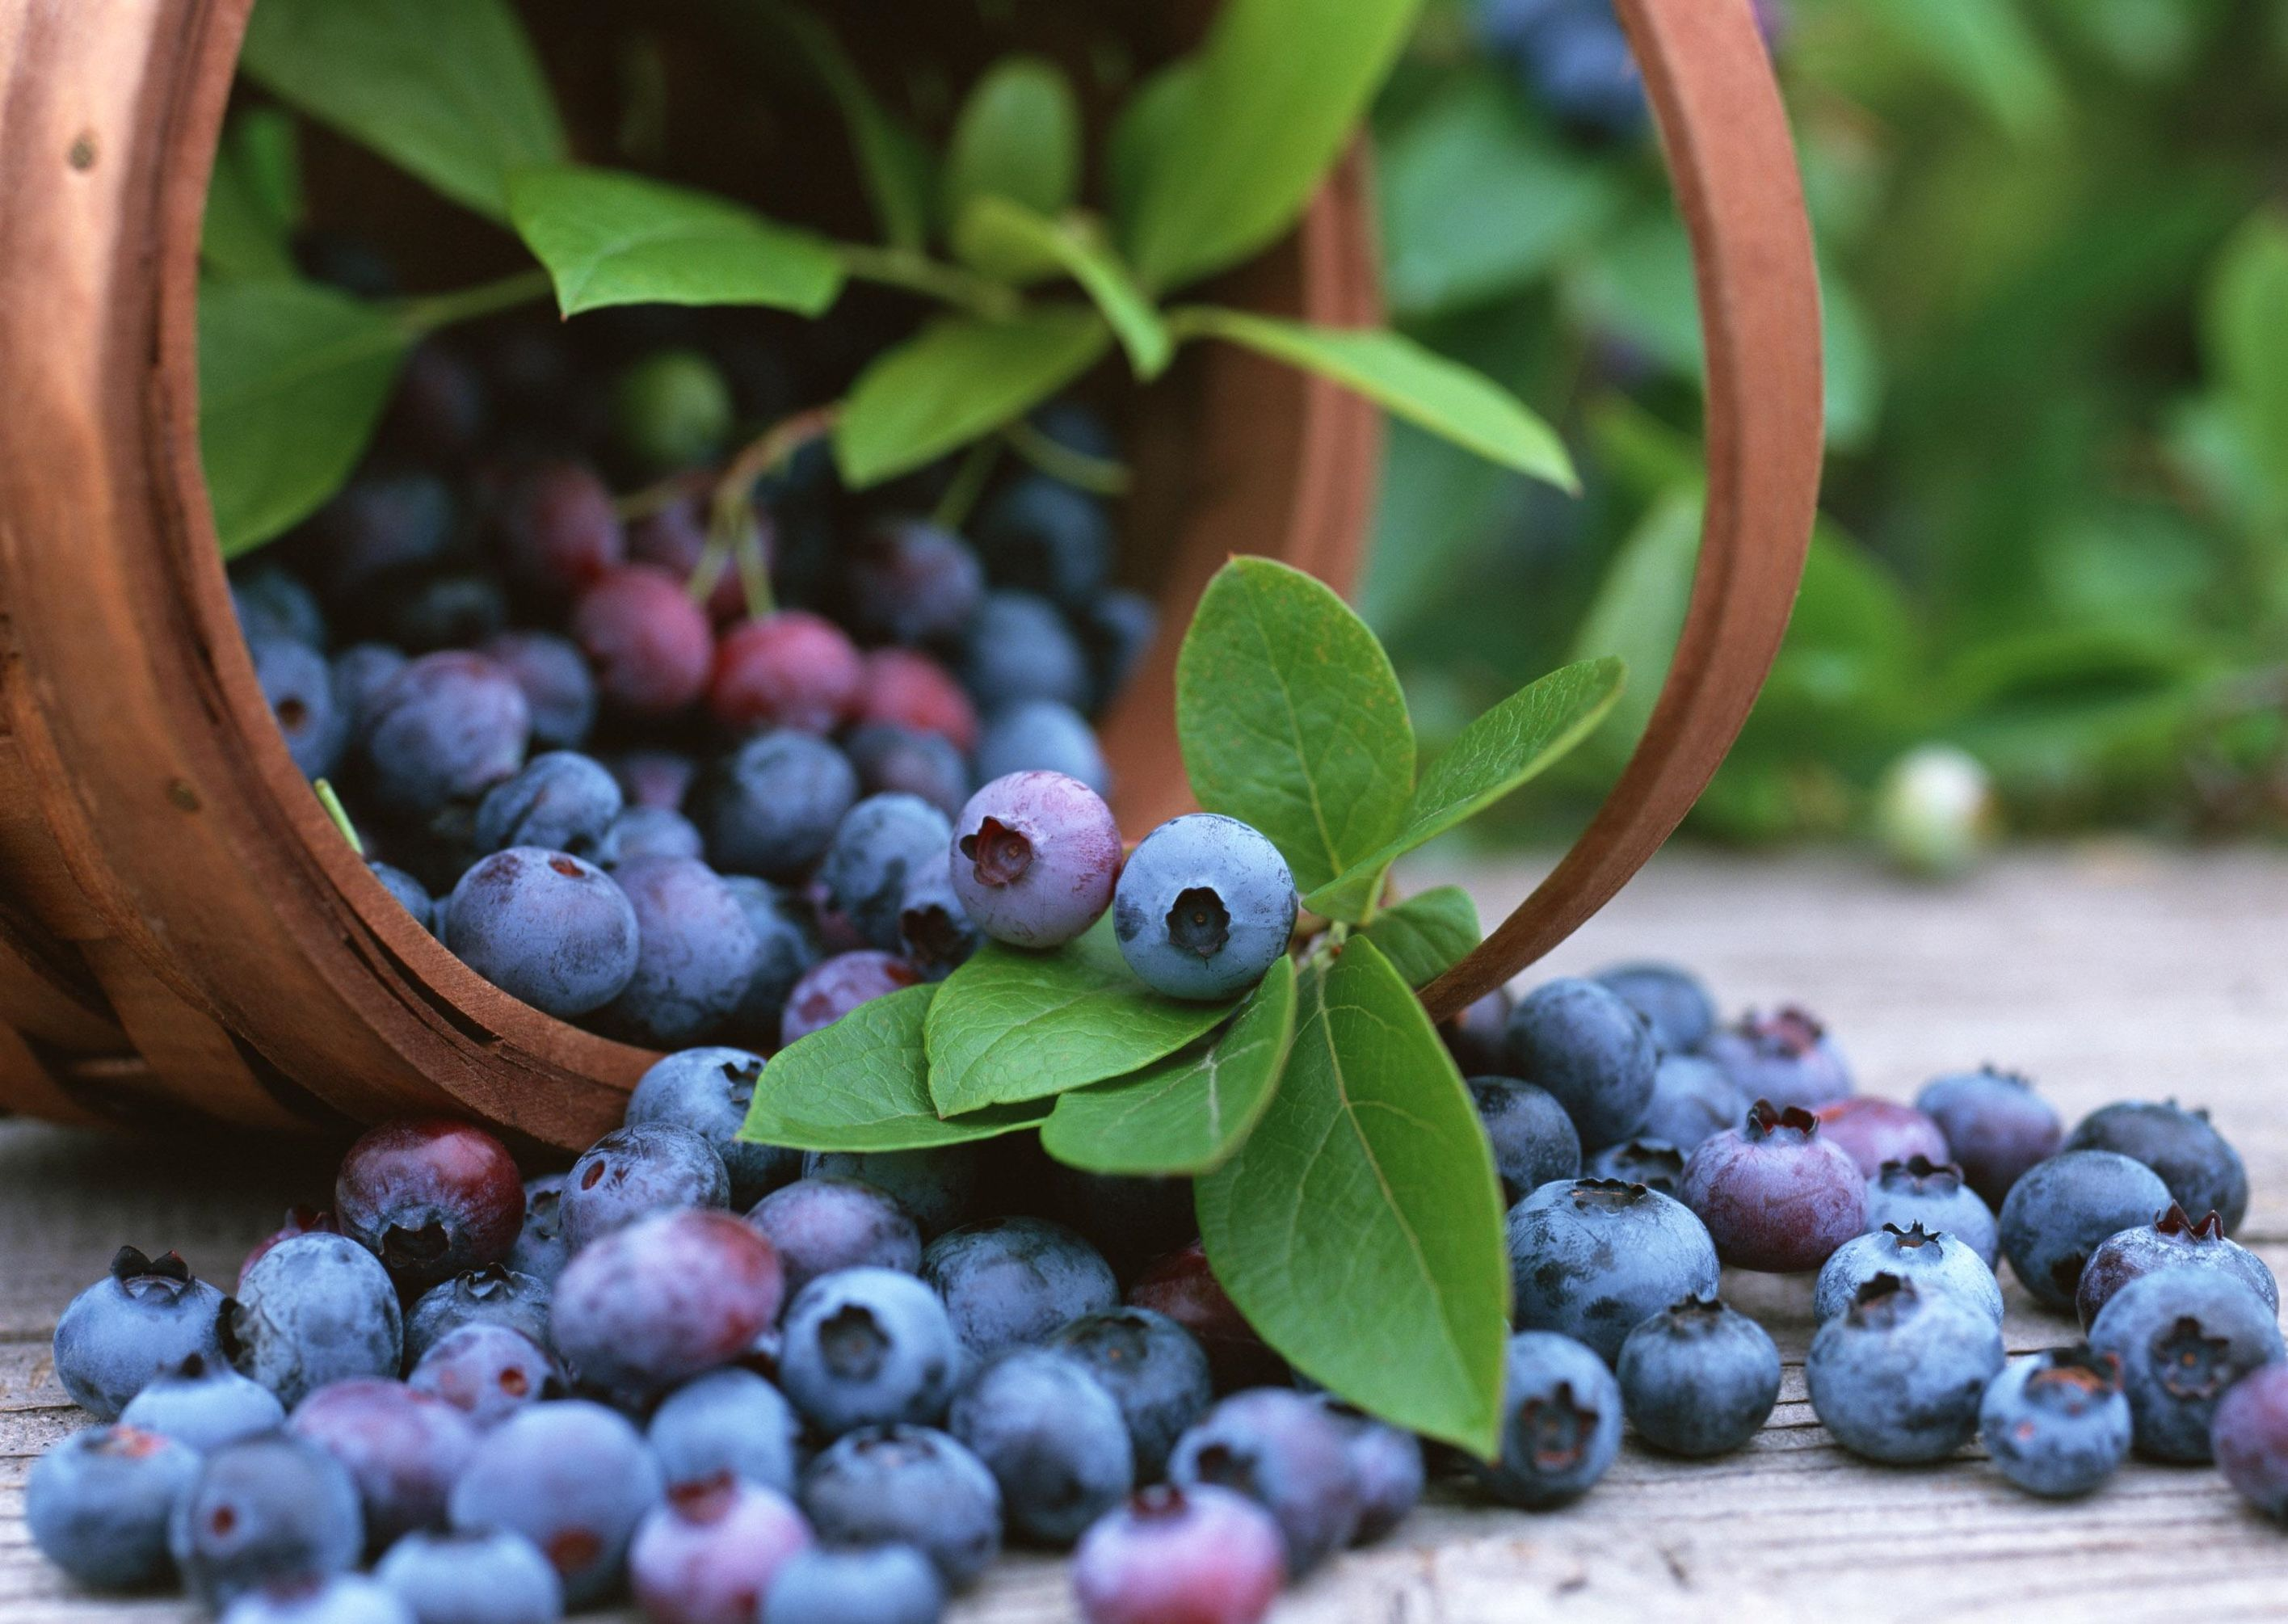 картинки для рабочего стола лесные ягоды